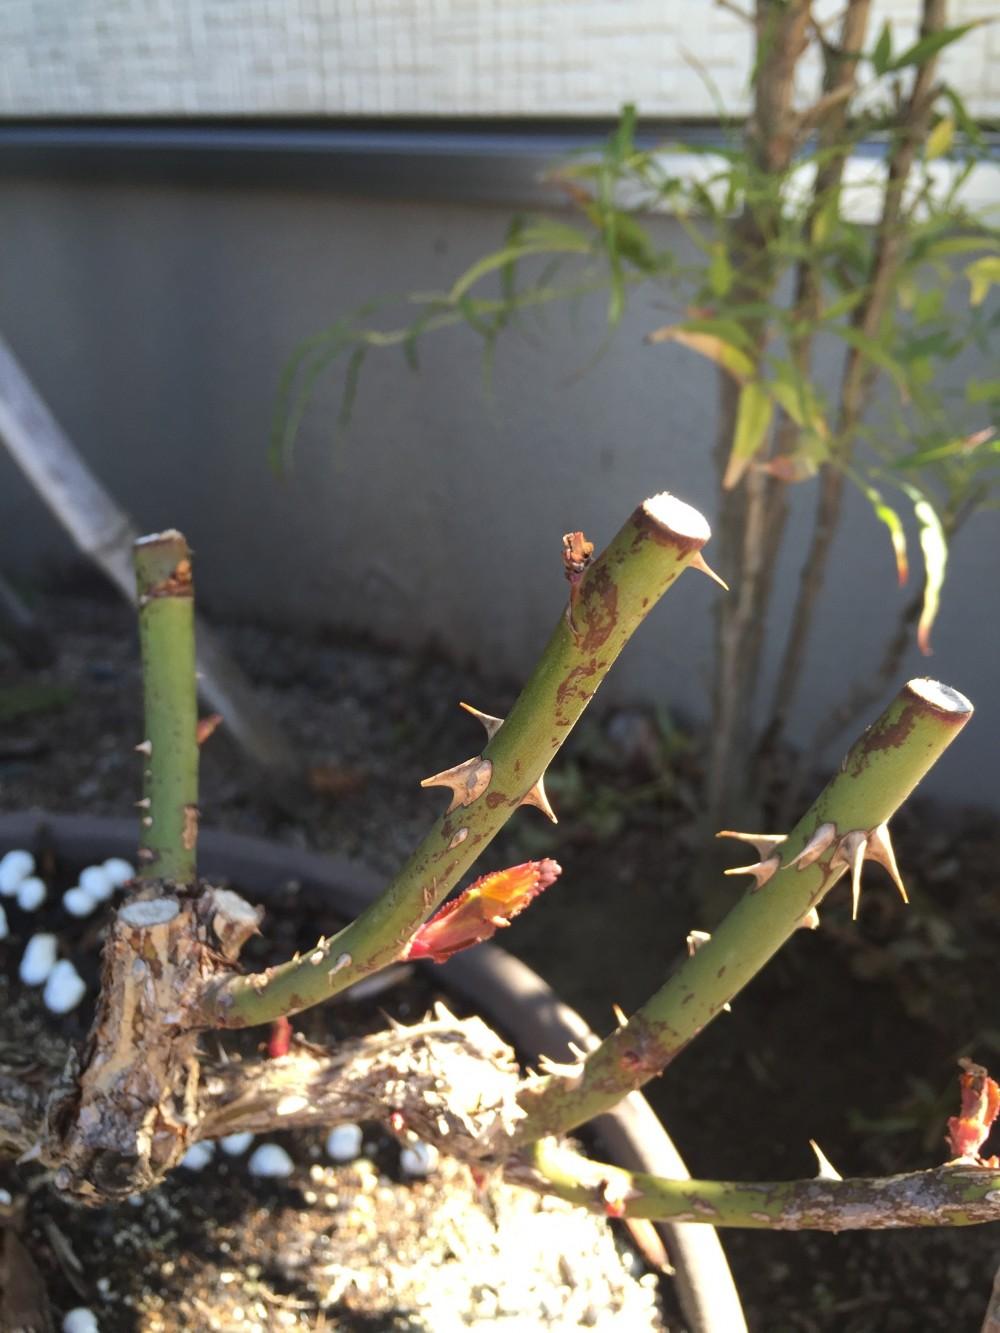 バラの芽吹きが弱いときはどうする?バラの芽が傷んだり枯れ込んだ場合の対処法